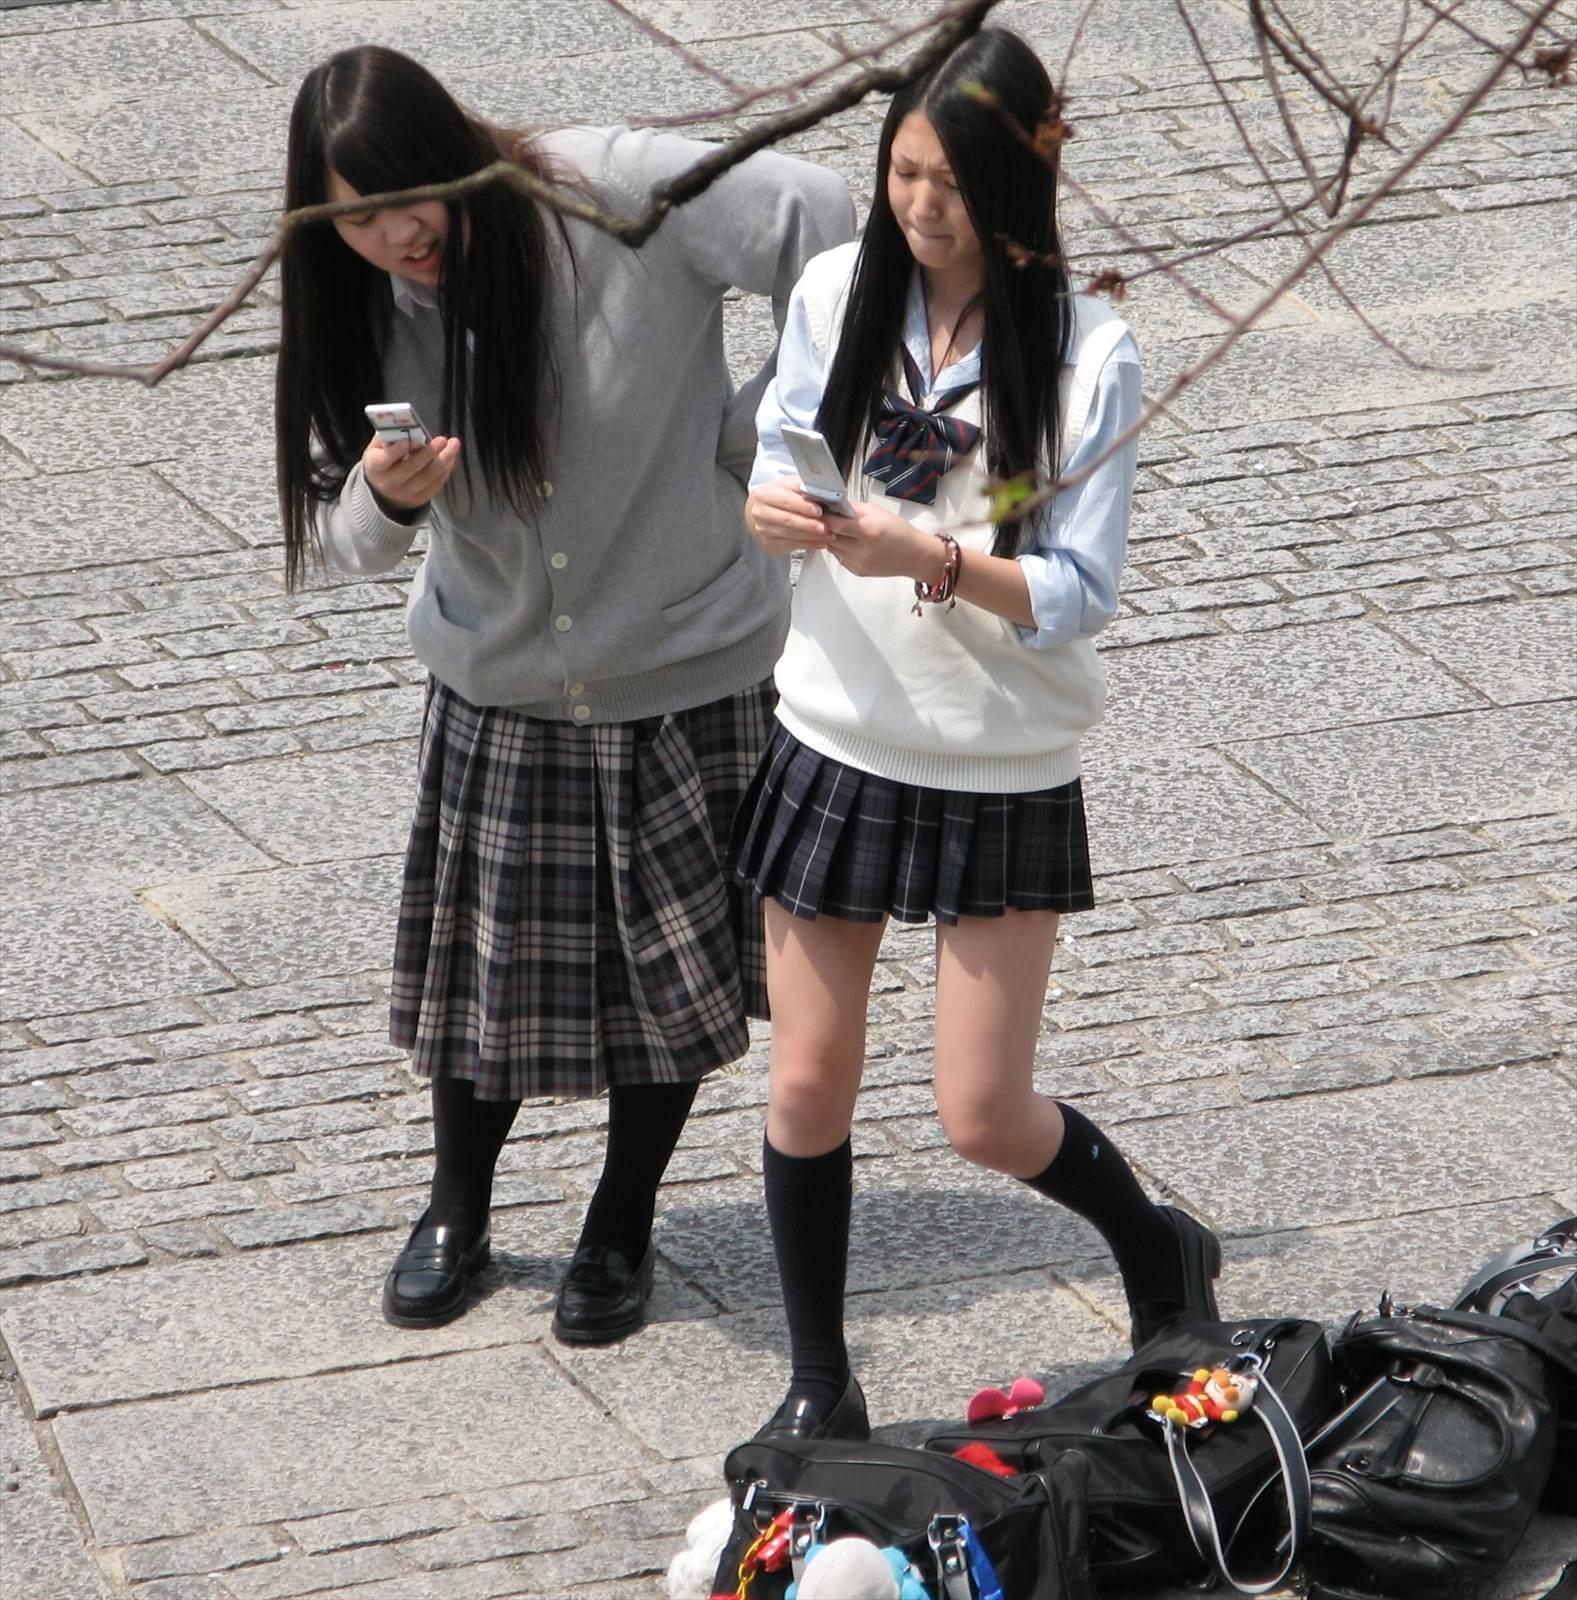 【画像】女子高生待撮り写真でデトックス